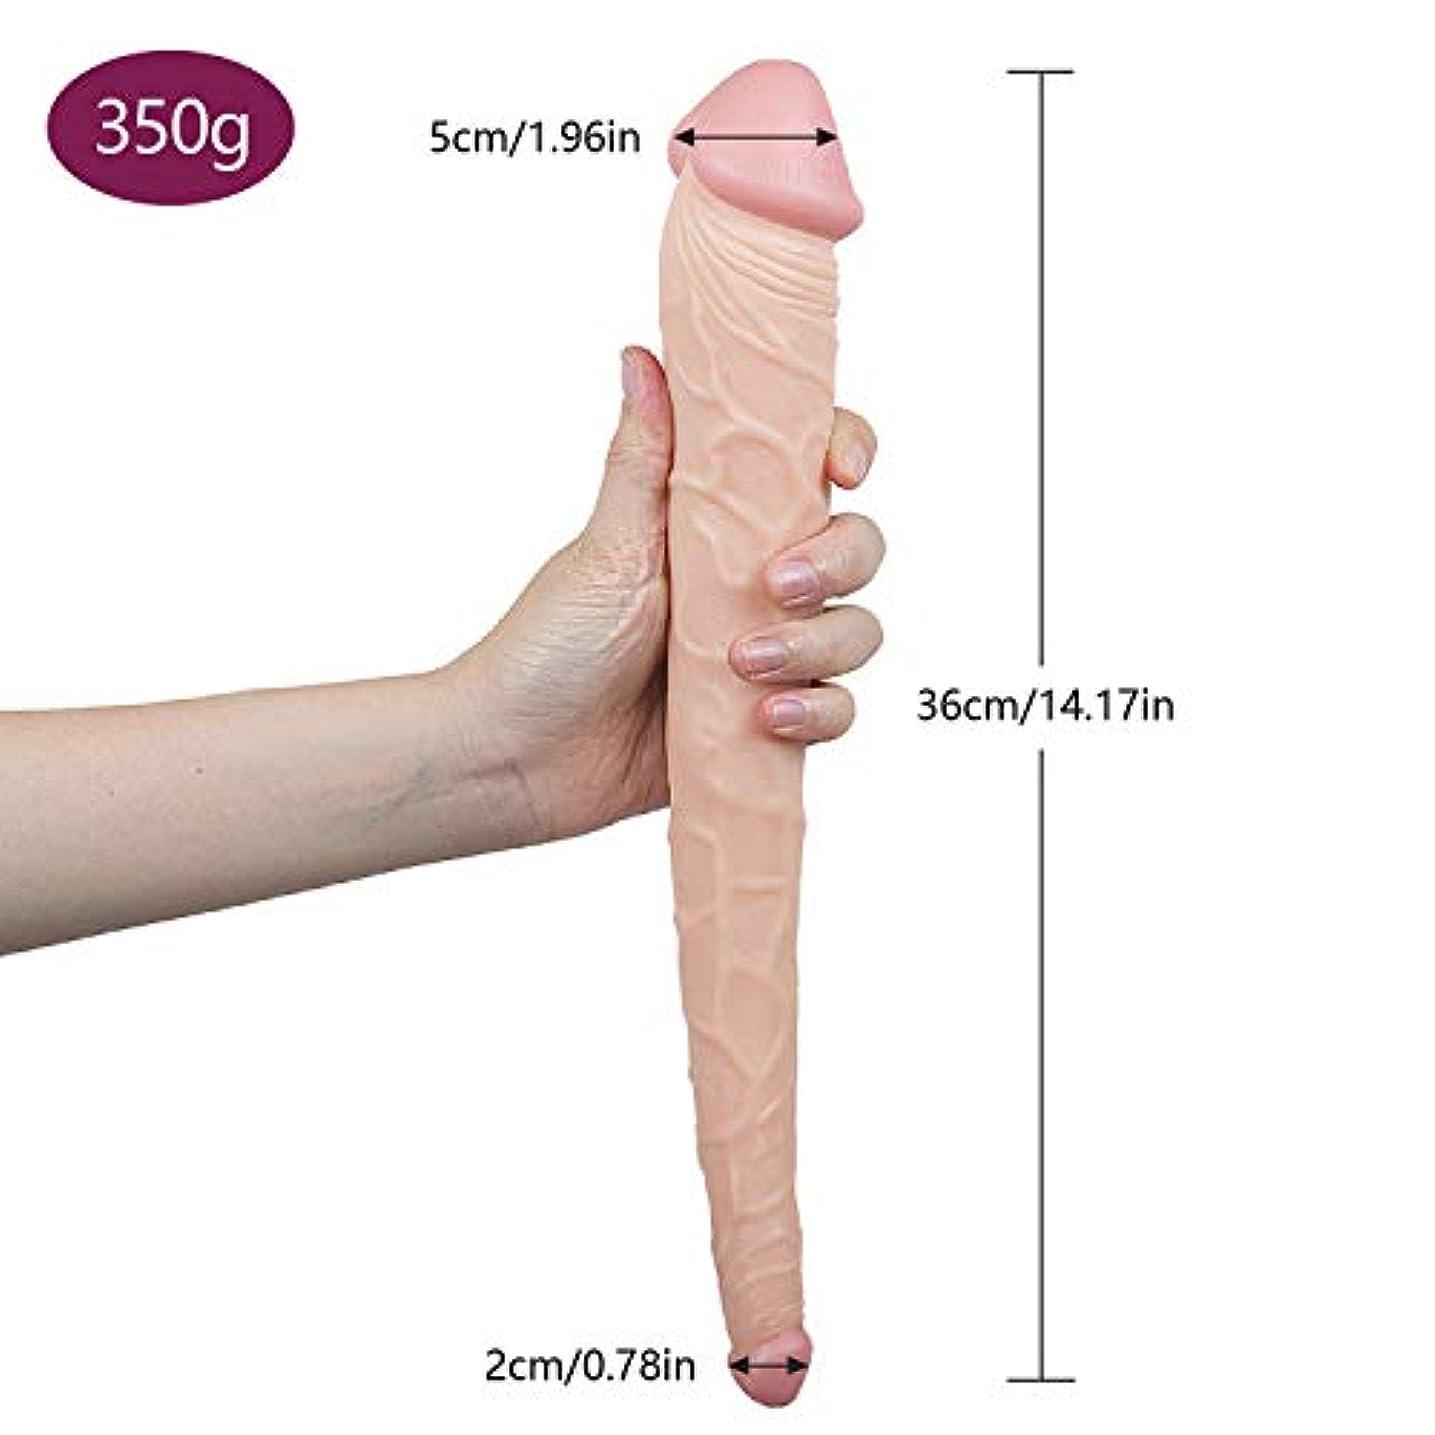 起業家異邦人文化ペニス 14.17インチの完全なサイズの完全なボディマッサージャーの二重頭の側面のマッサージャーのおもちゃ マッサージャー